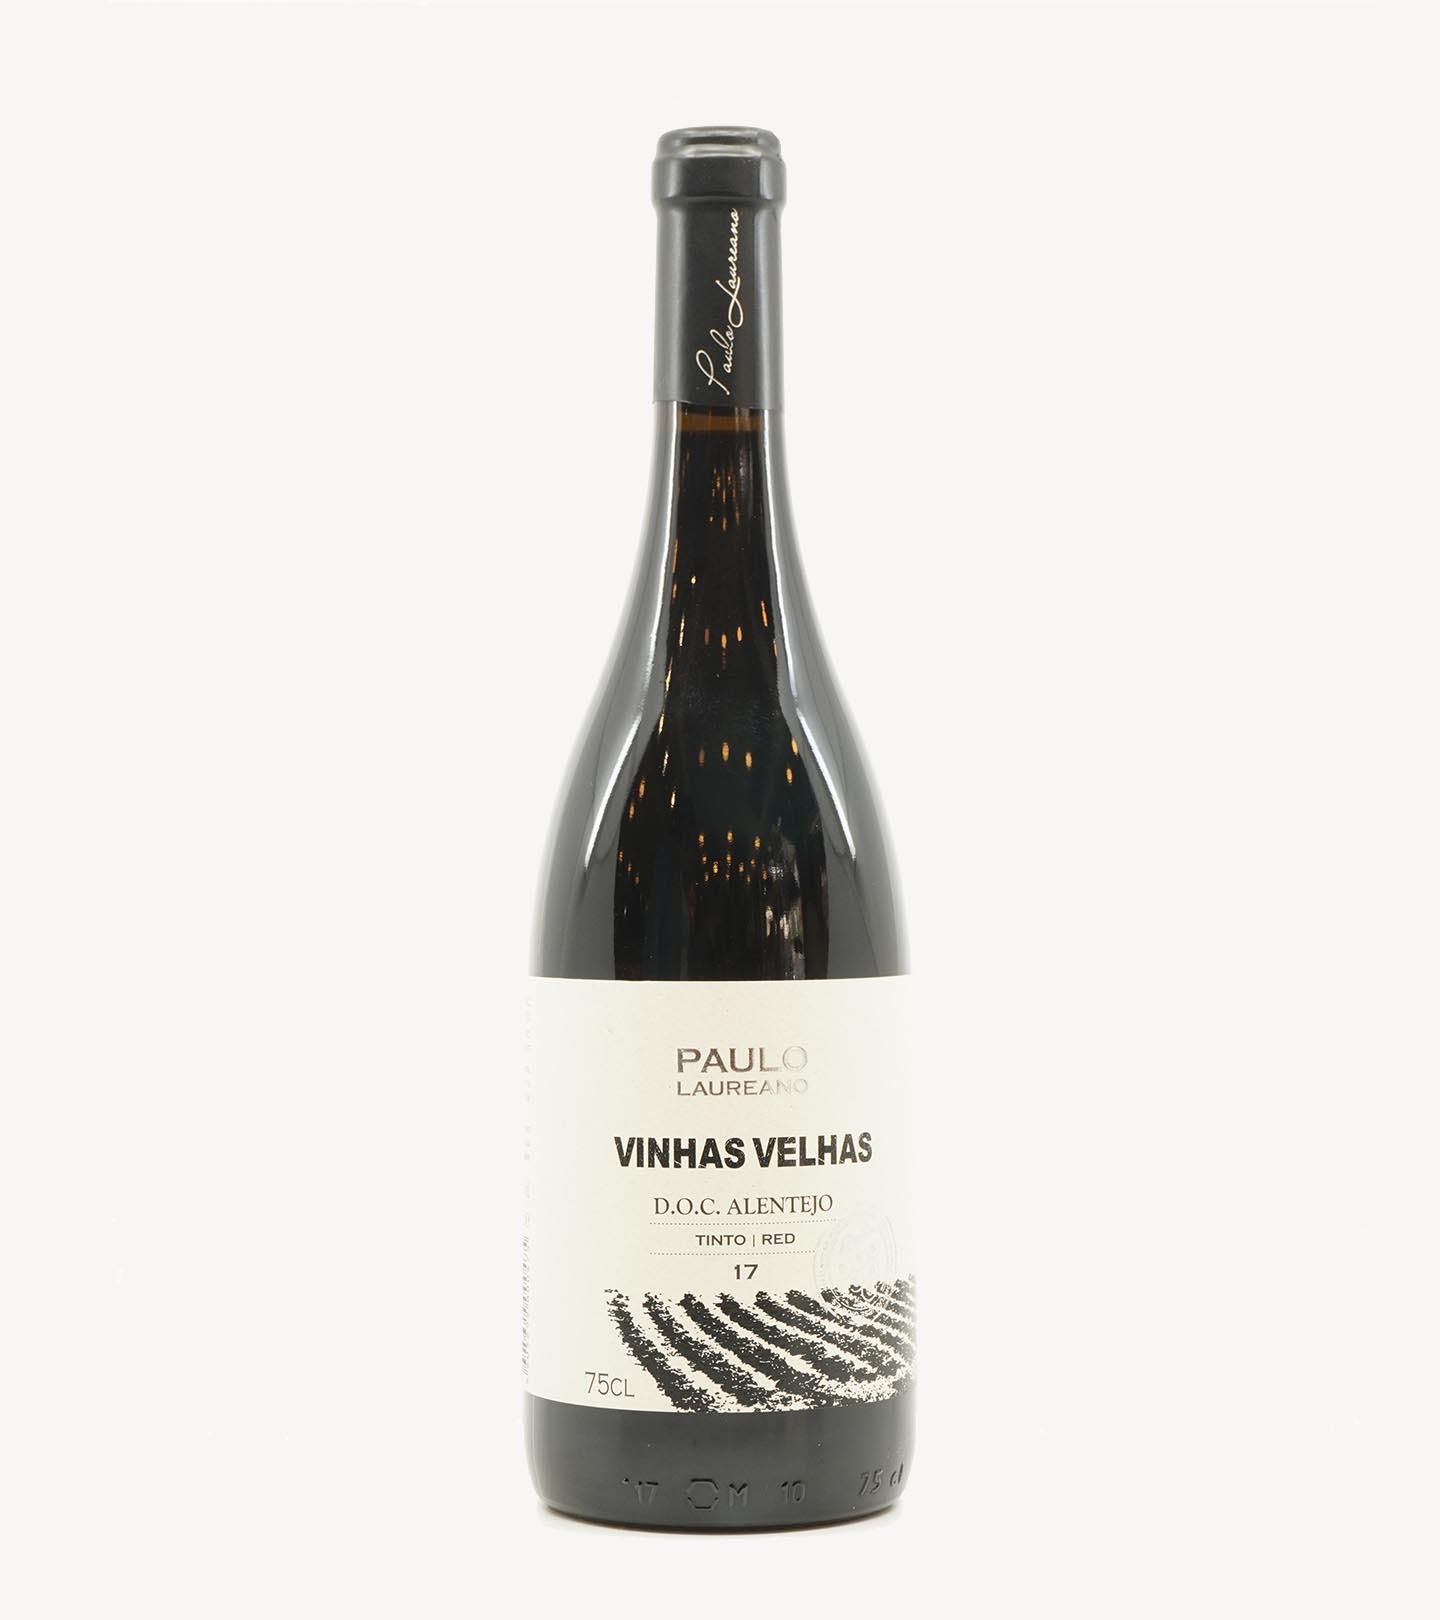 Vinho Tinto Alentejano Paulo Laureano Vinhas Velhas 75cl